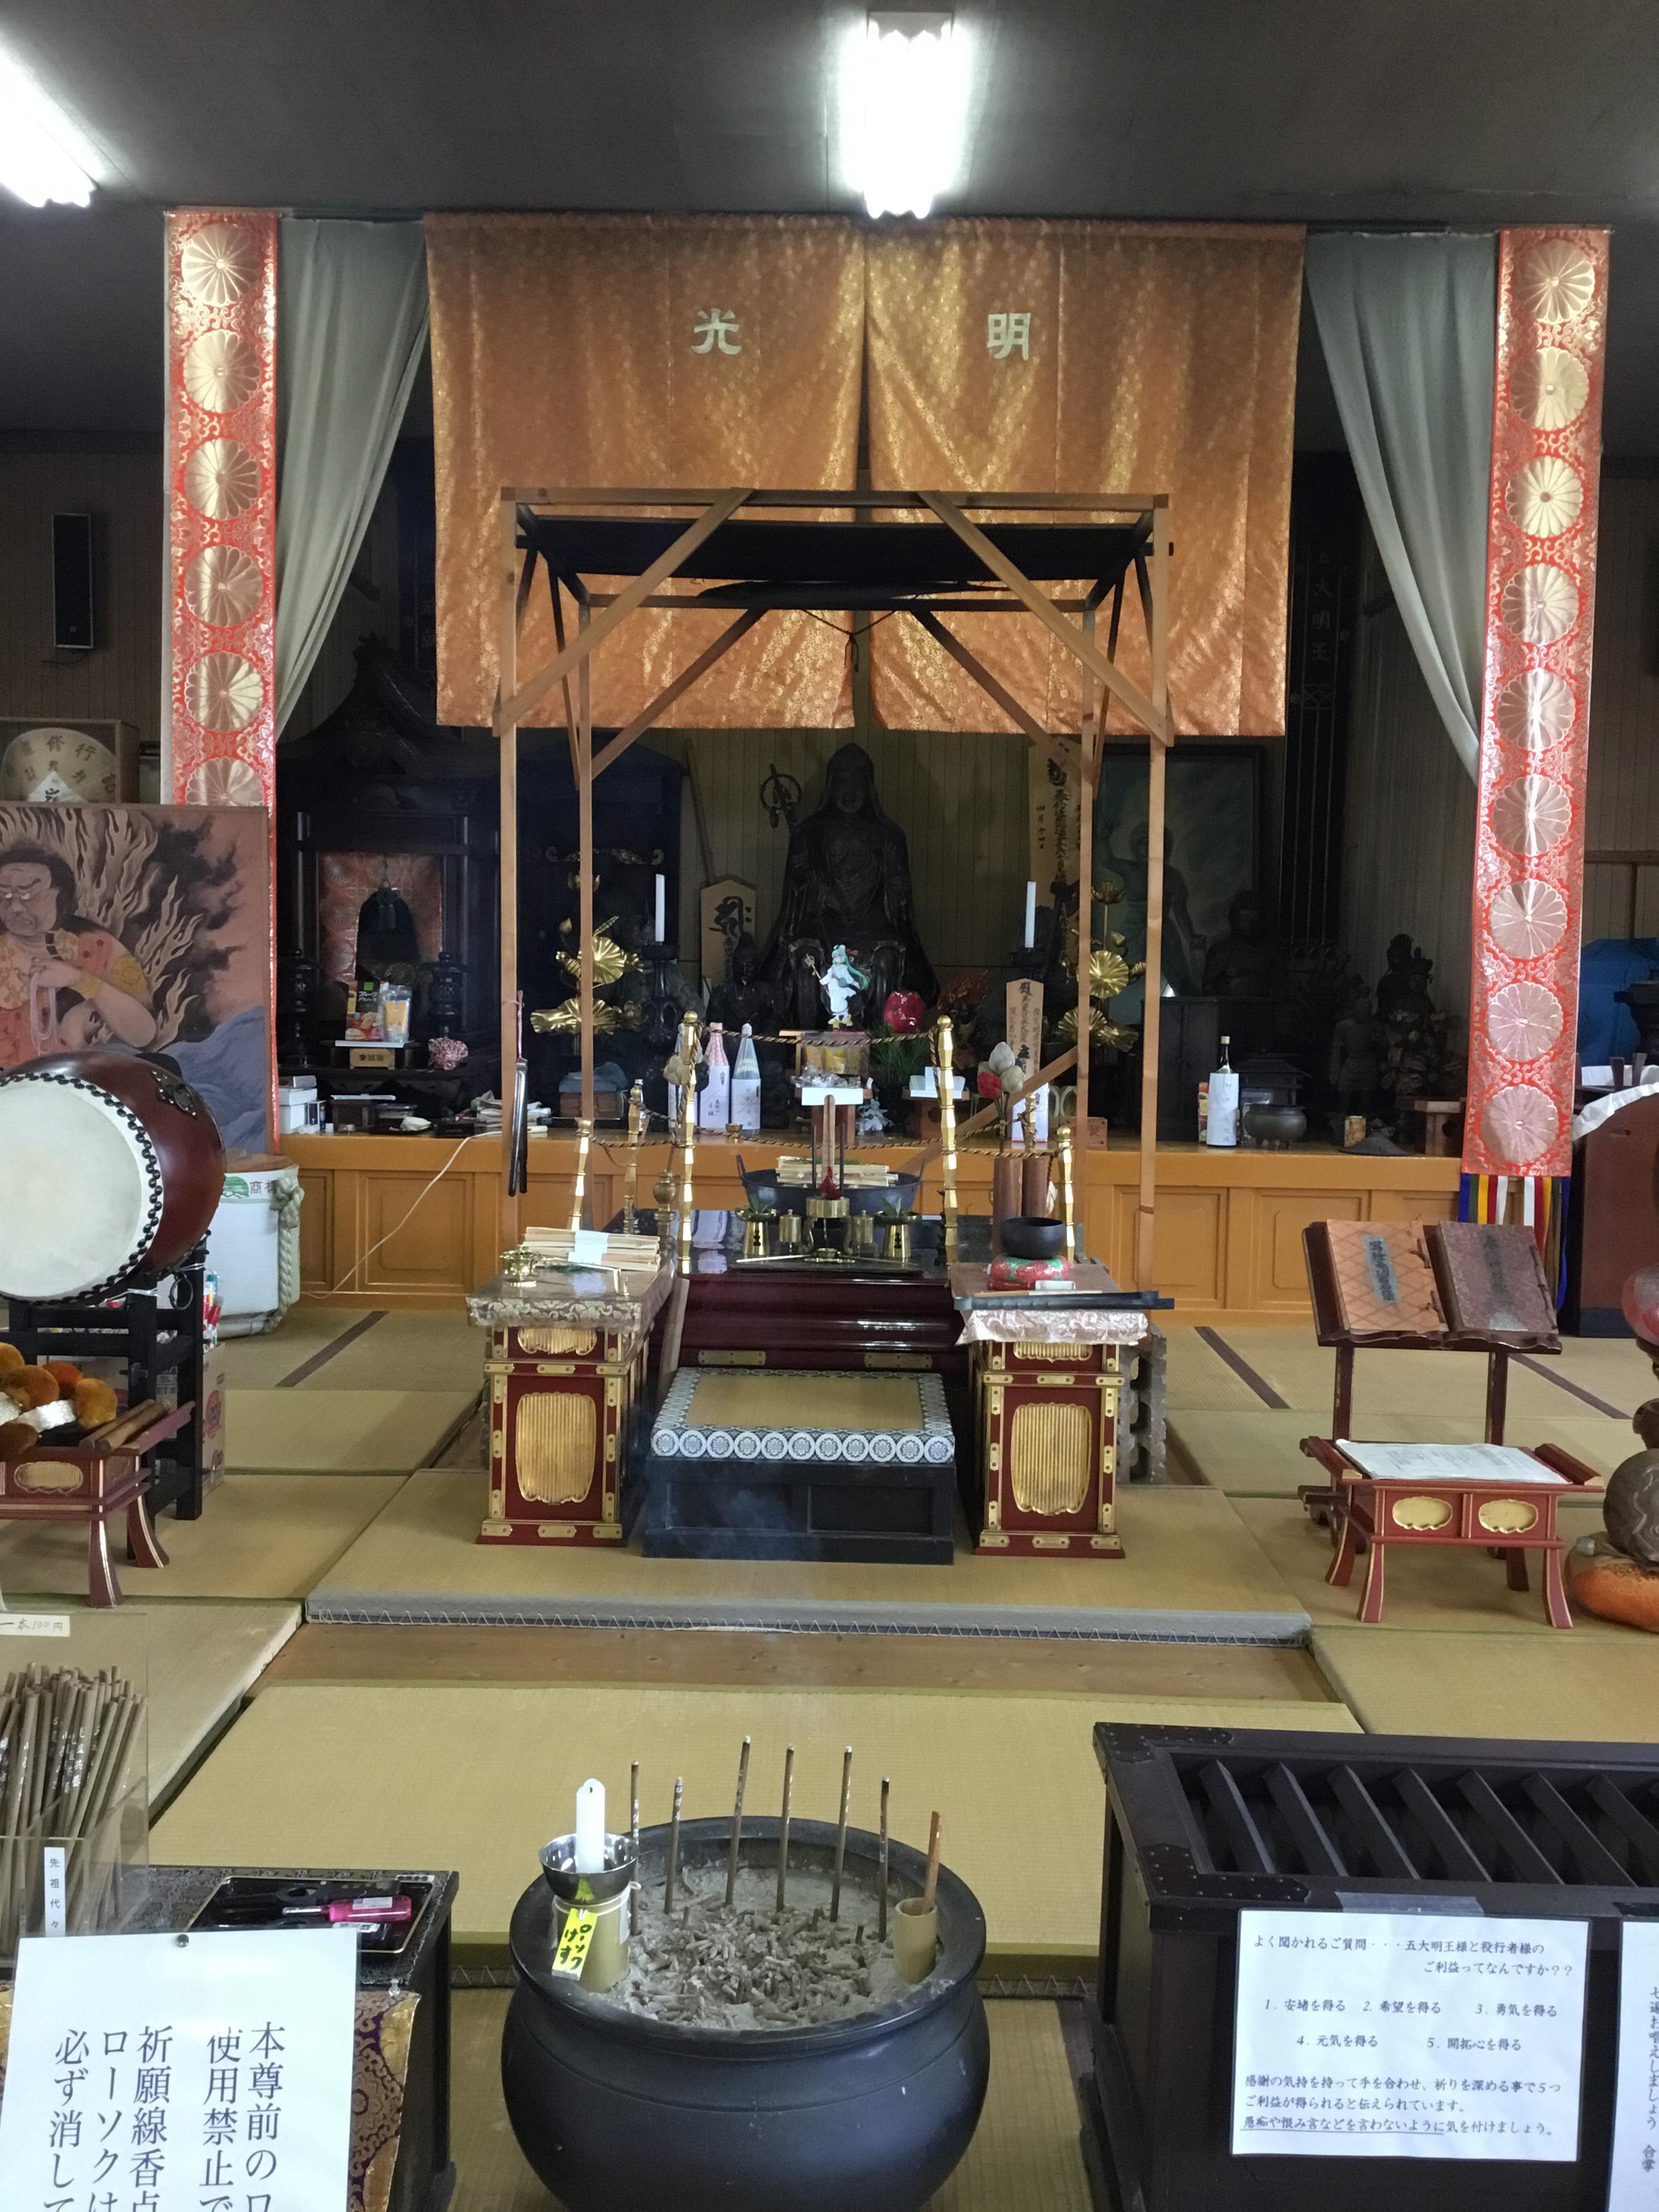 吉祥草寺の本殿・本堂(奈良県玉手駅)